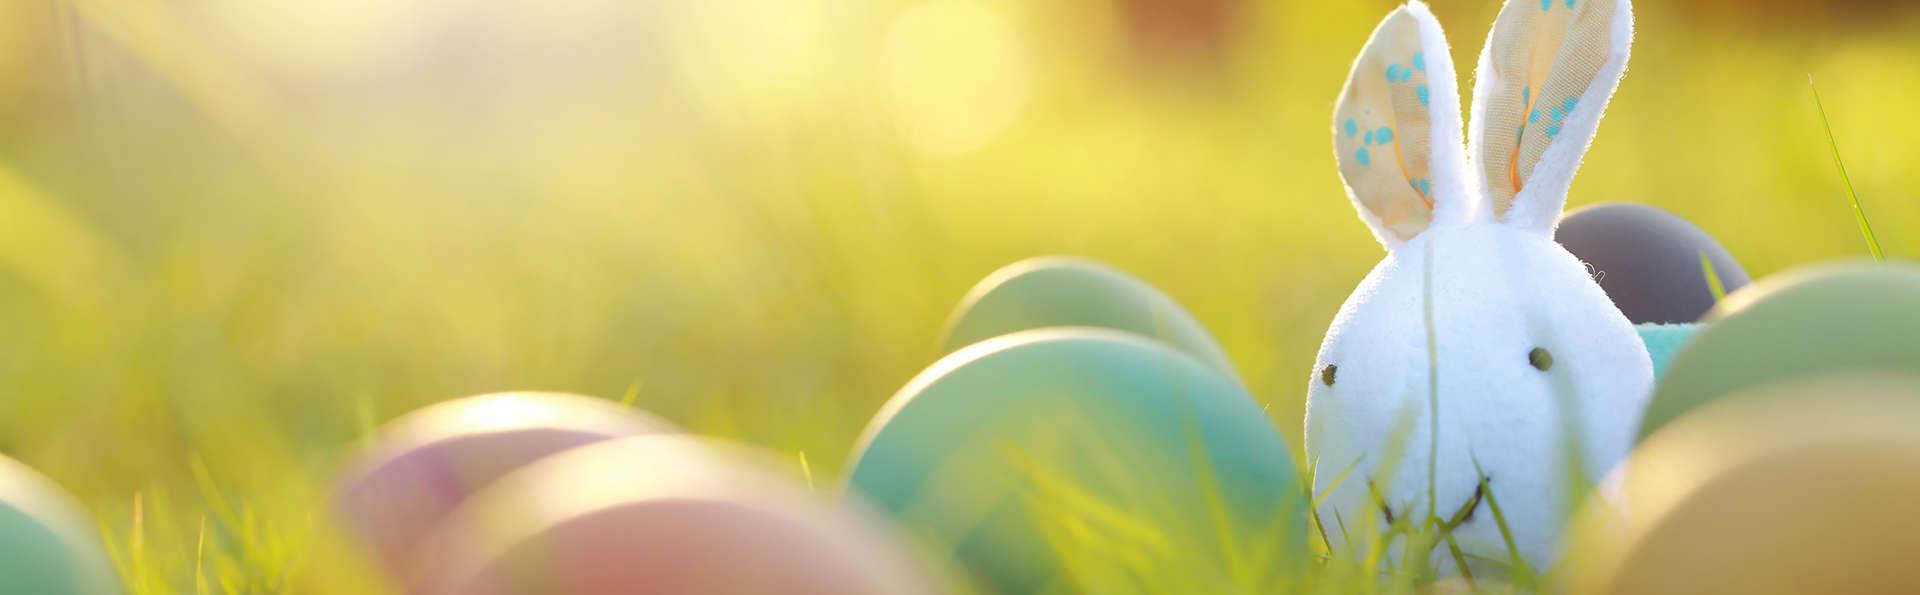 Séjour spécial Pâques au coeur de la forêt de Soignes avec visite du lapin de Pâques!